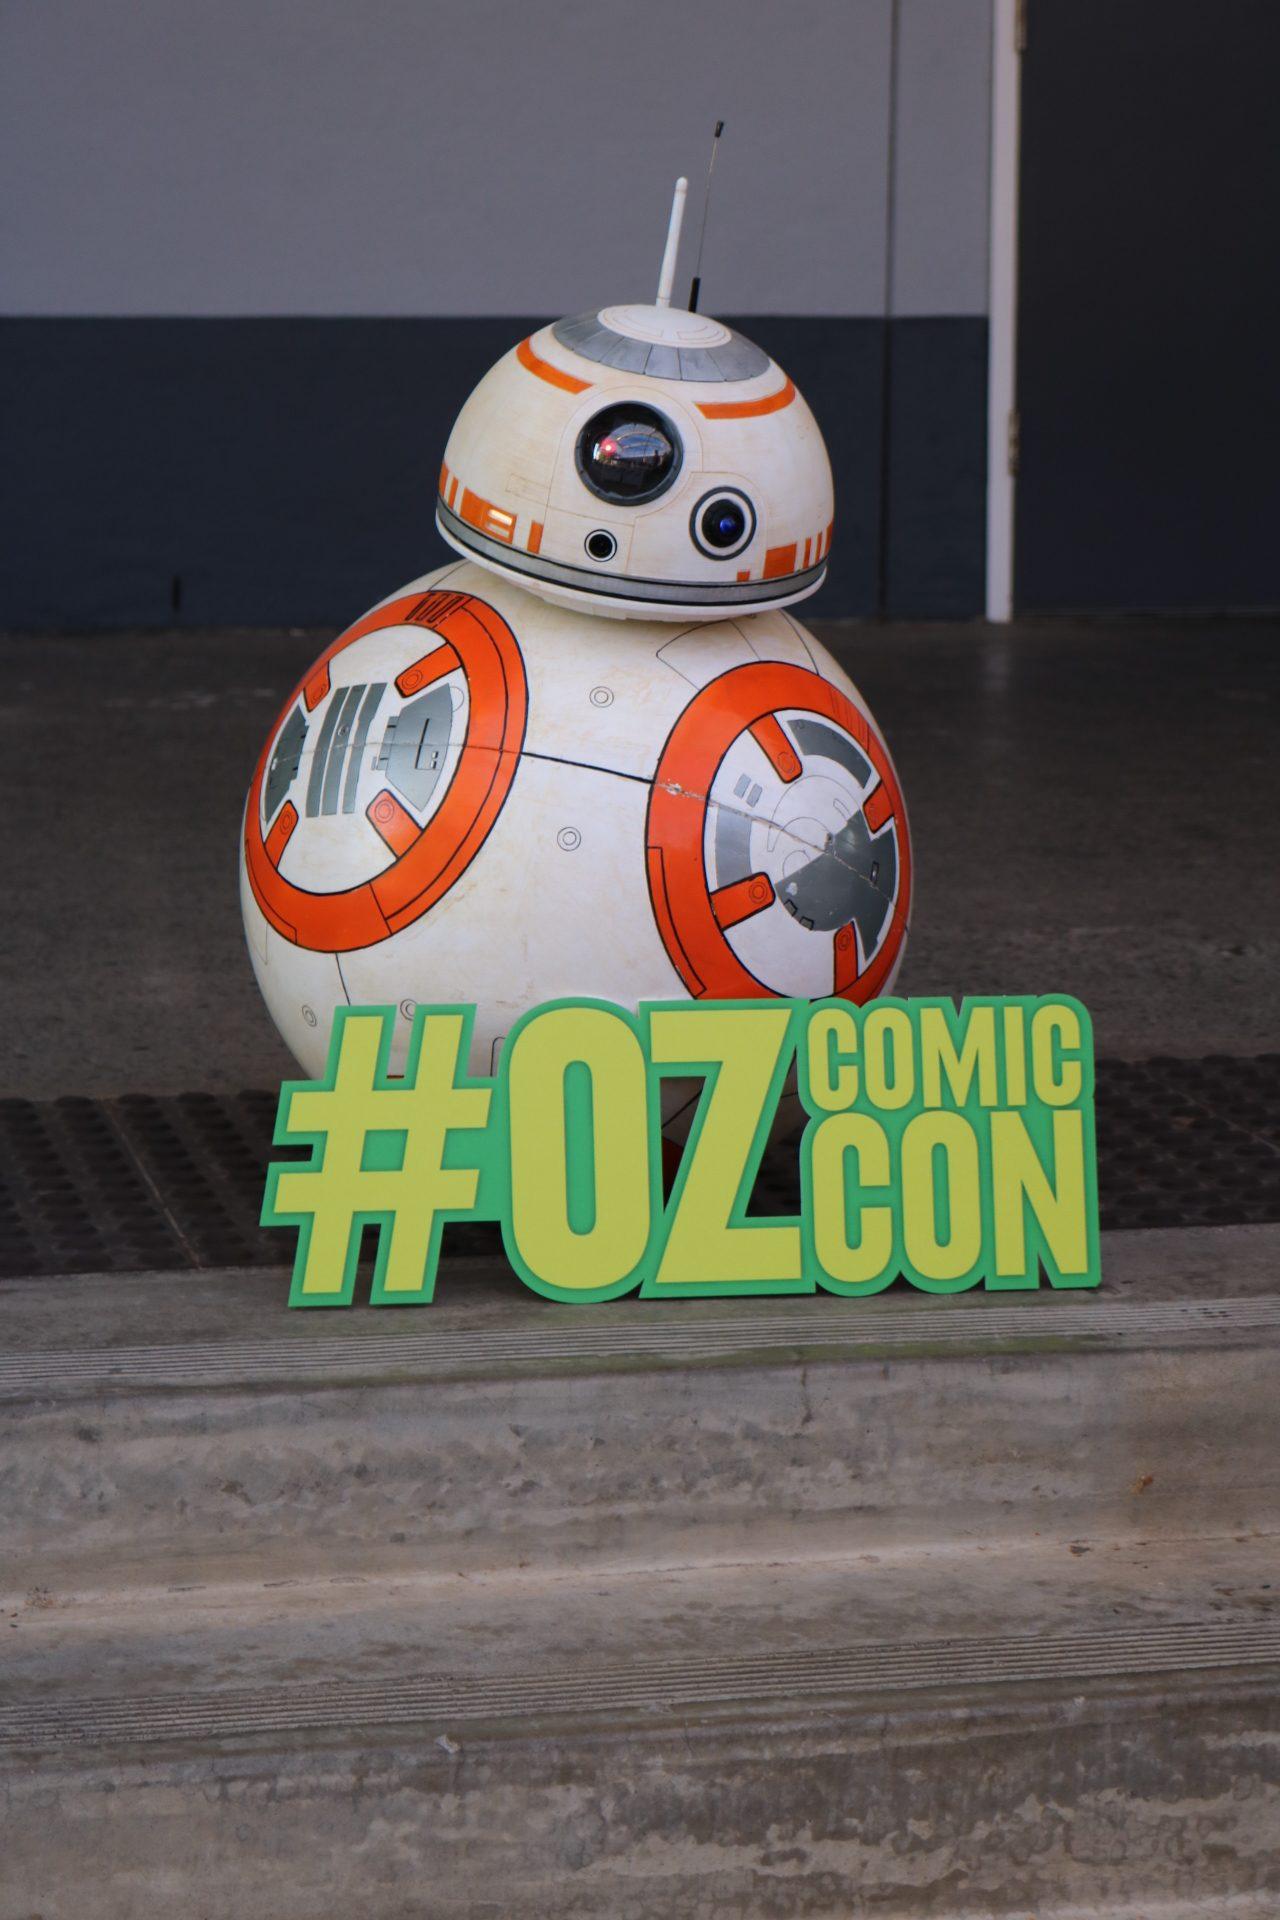 2017 Oz Comic-Con